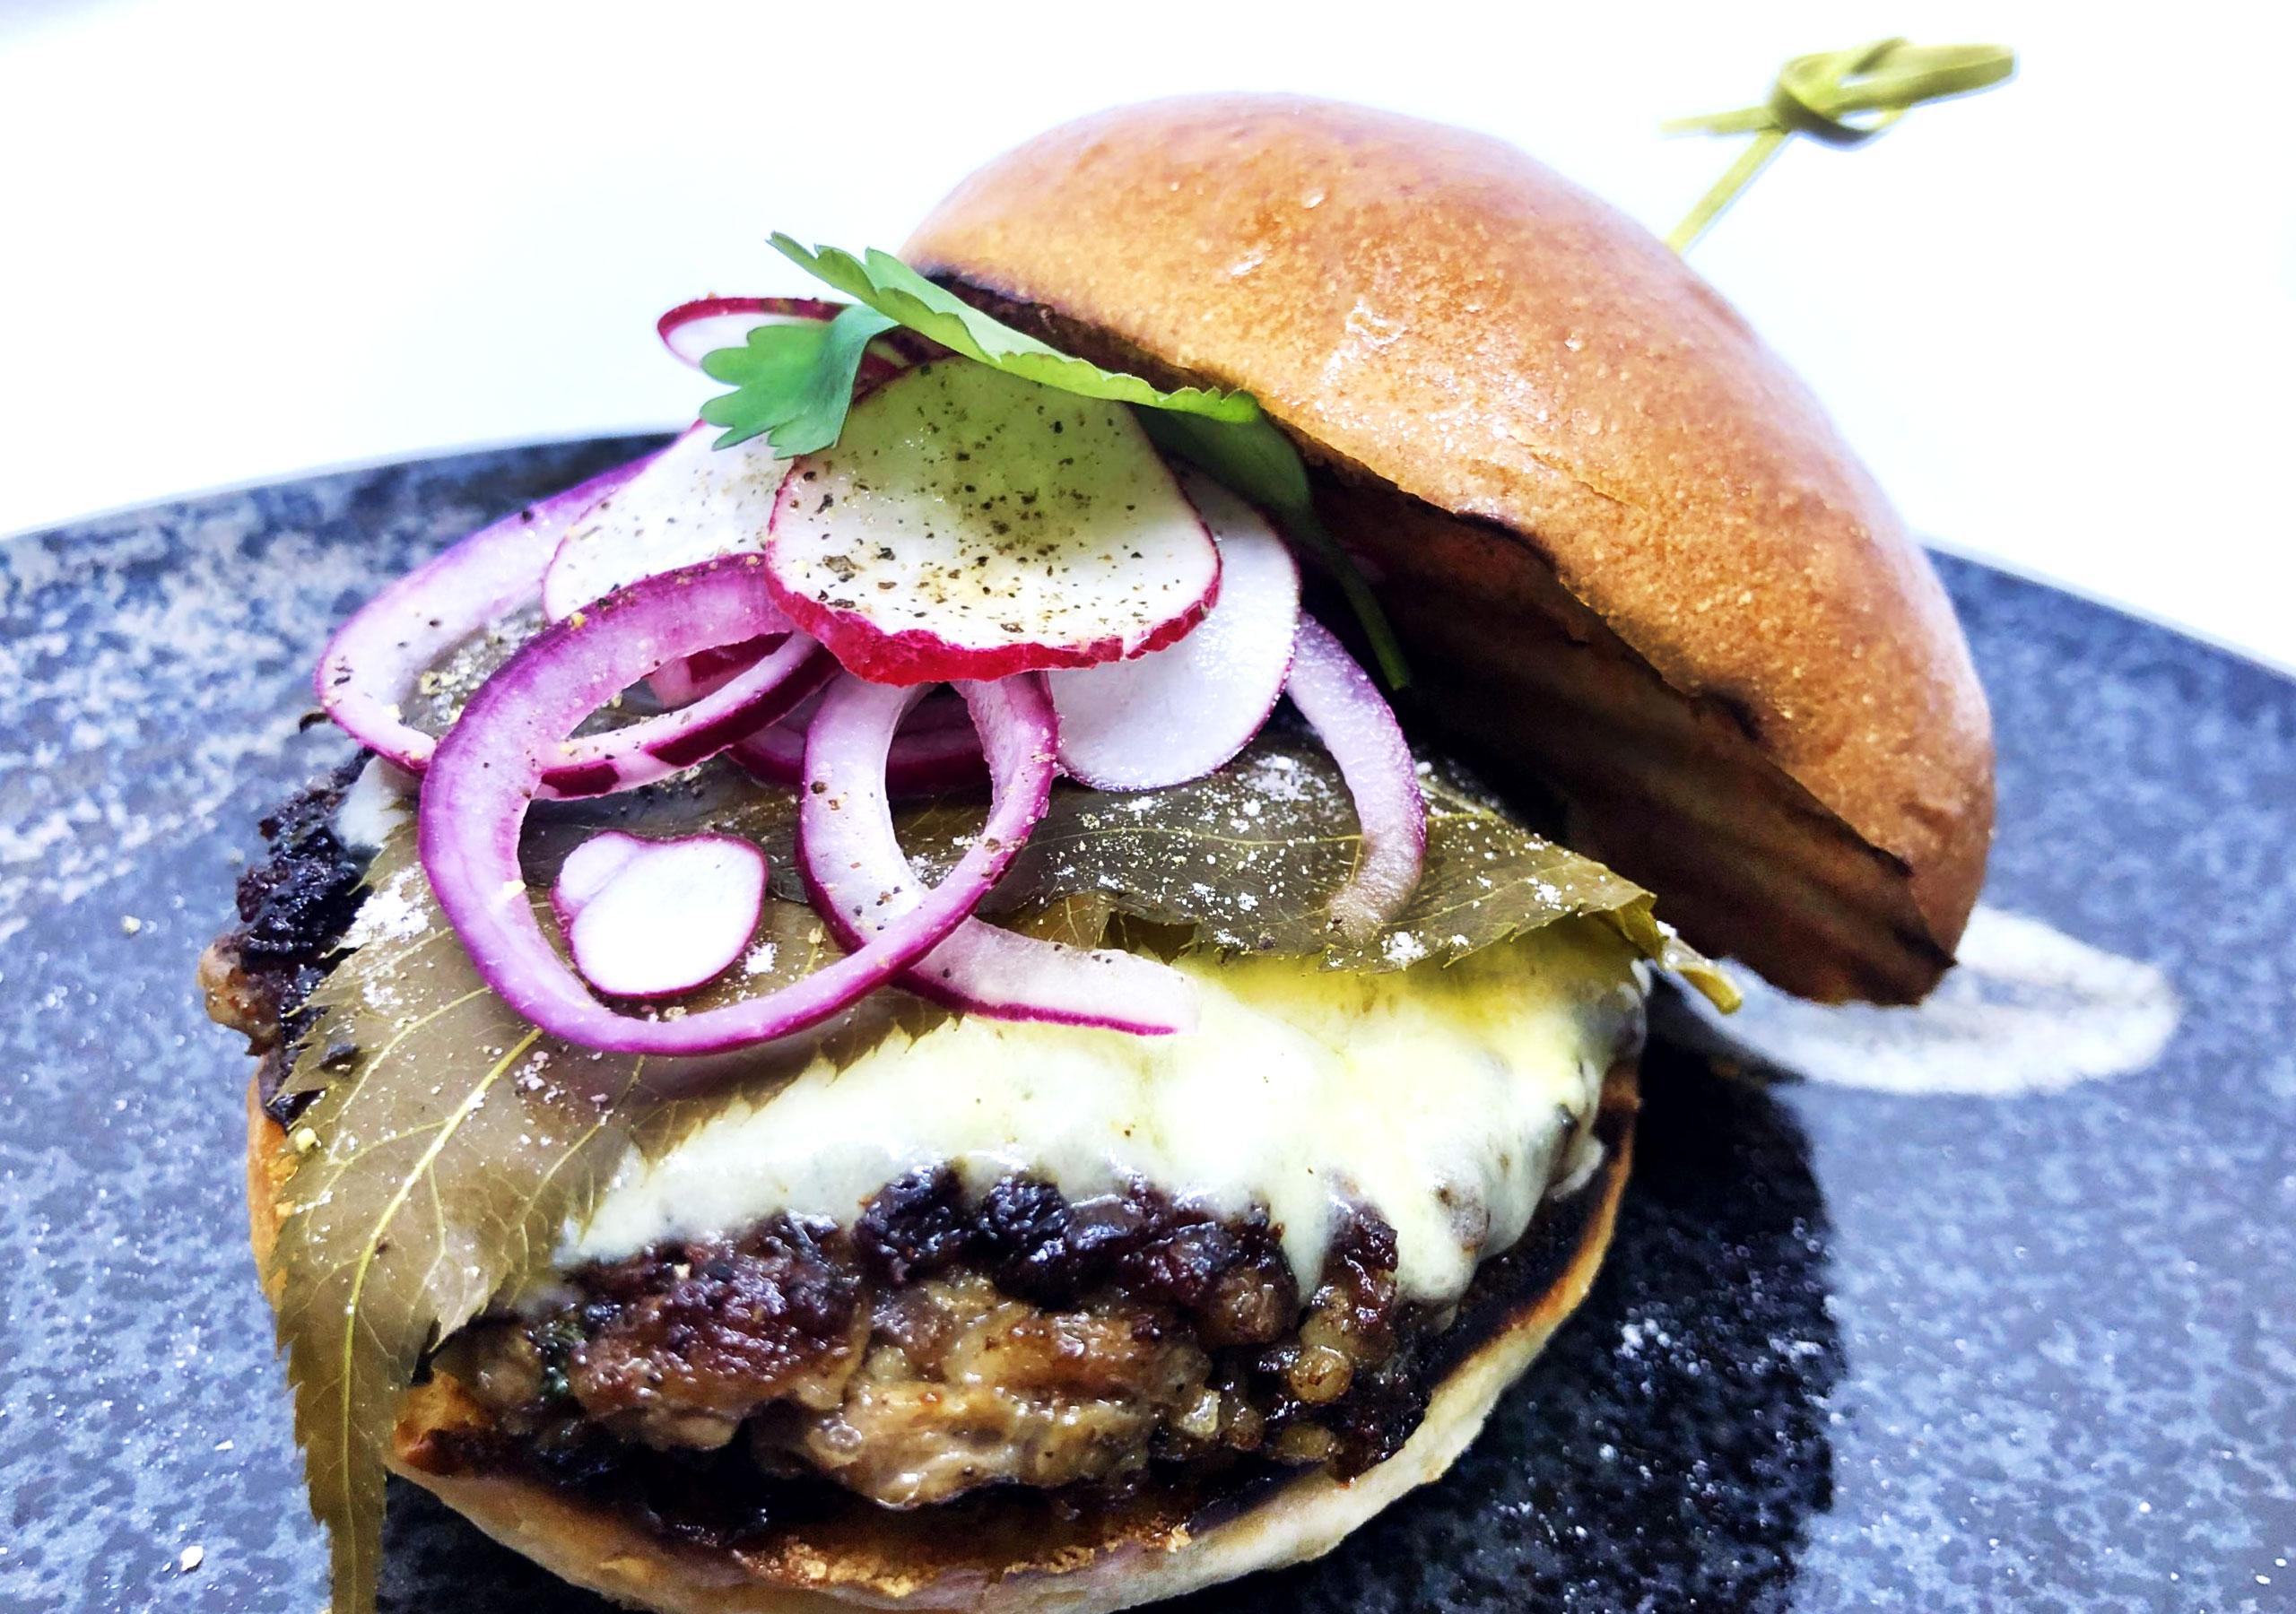 Wagyu Beef Burger with Sakura Leaves